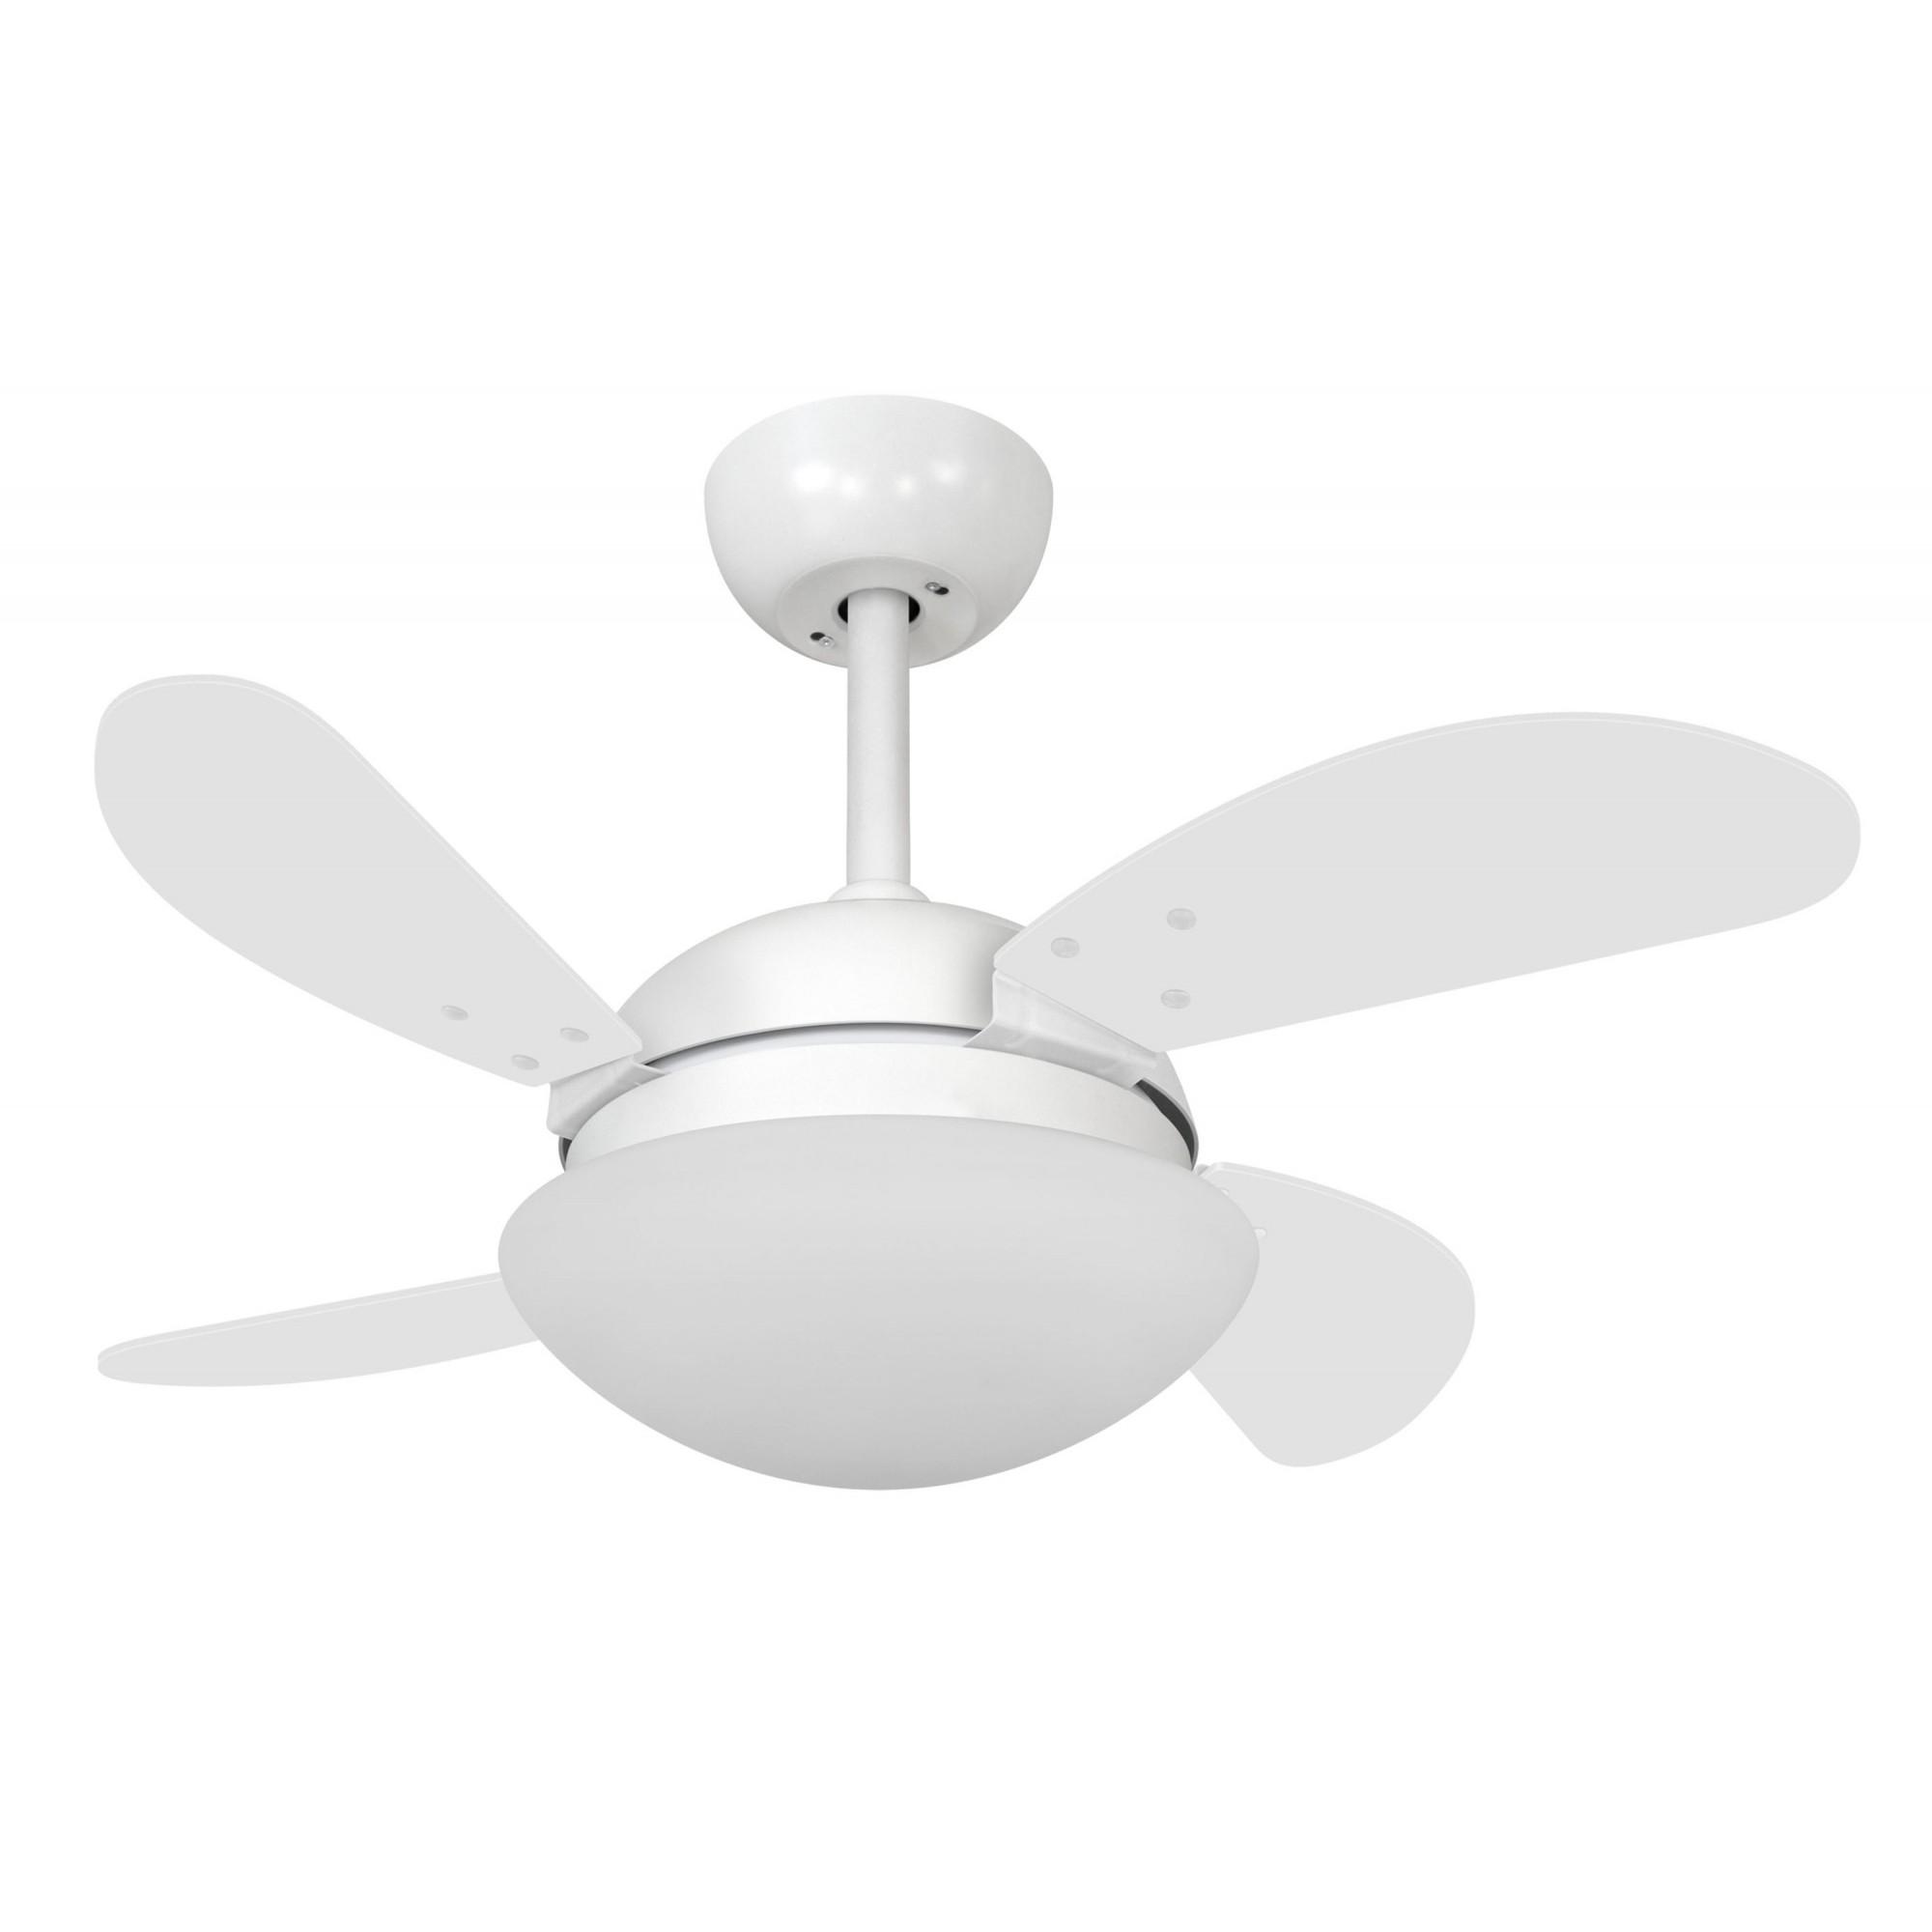 Ventilador de Teto VD28 Mini Fly Branco 220V+Controle Remoto